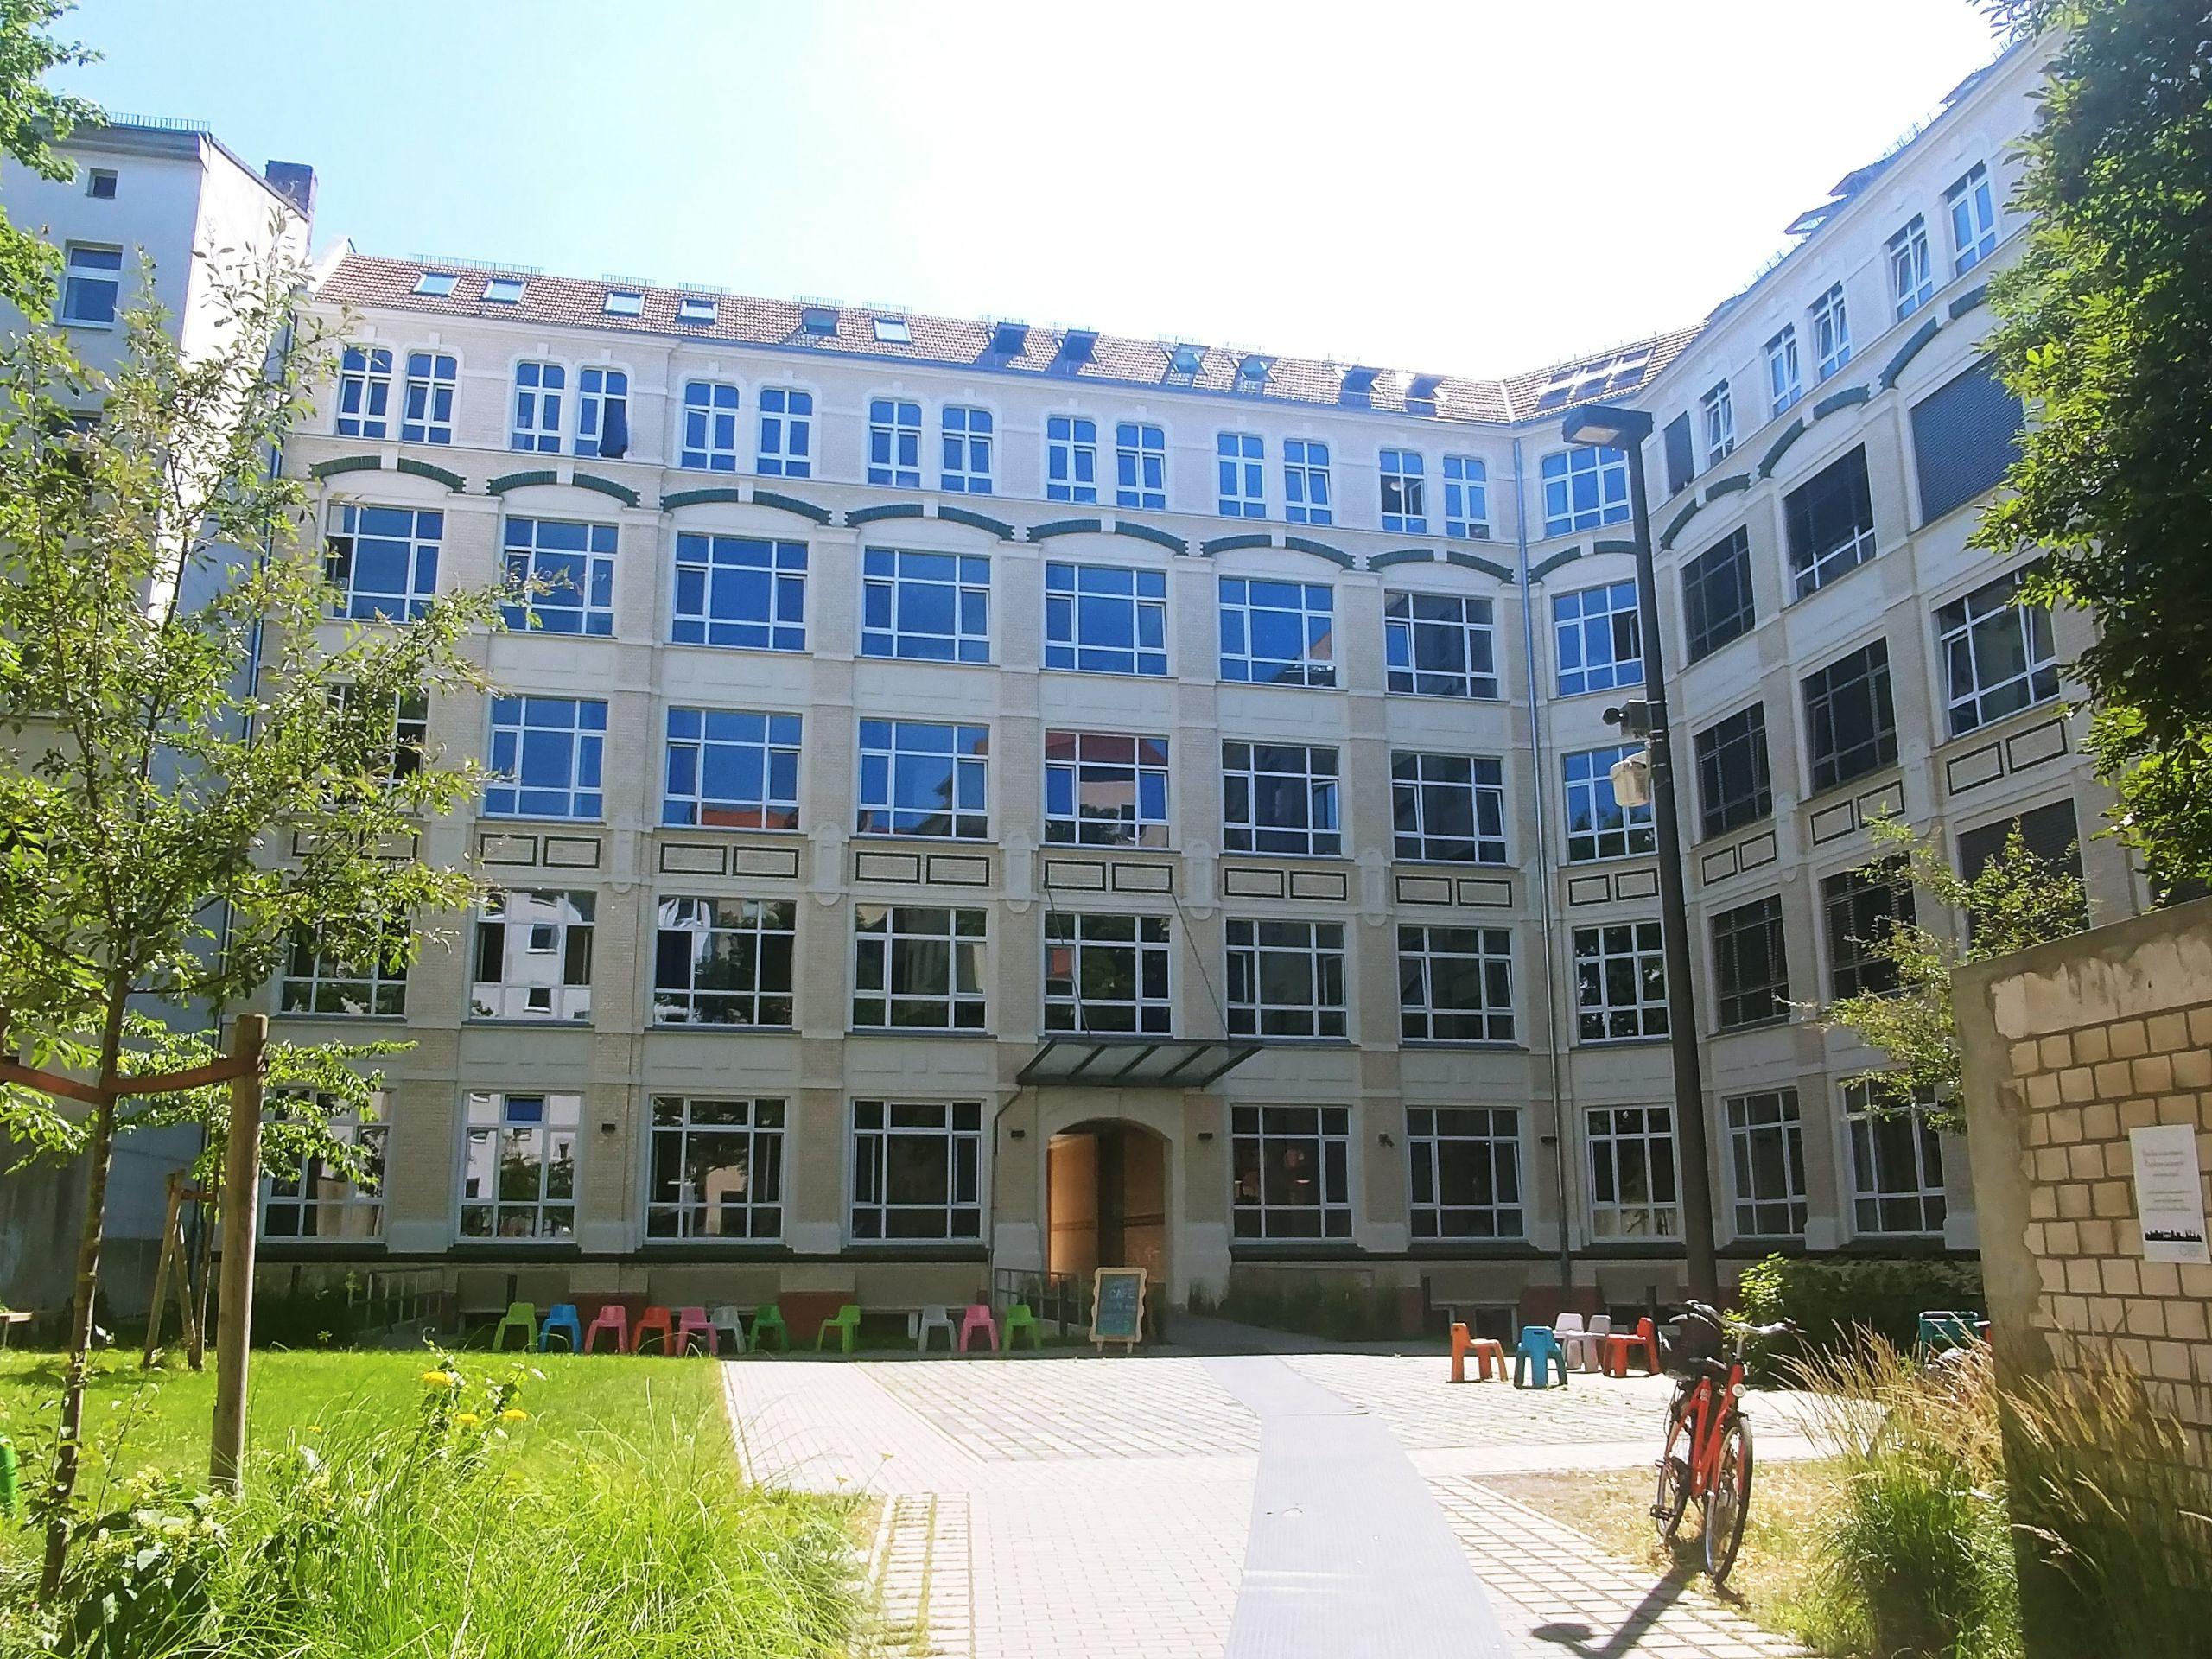 Berlin Britzer Garten Inspirierend Our First Few Days In Berlin High School Summer Abroad